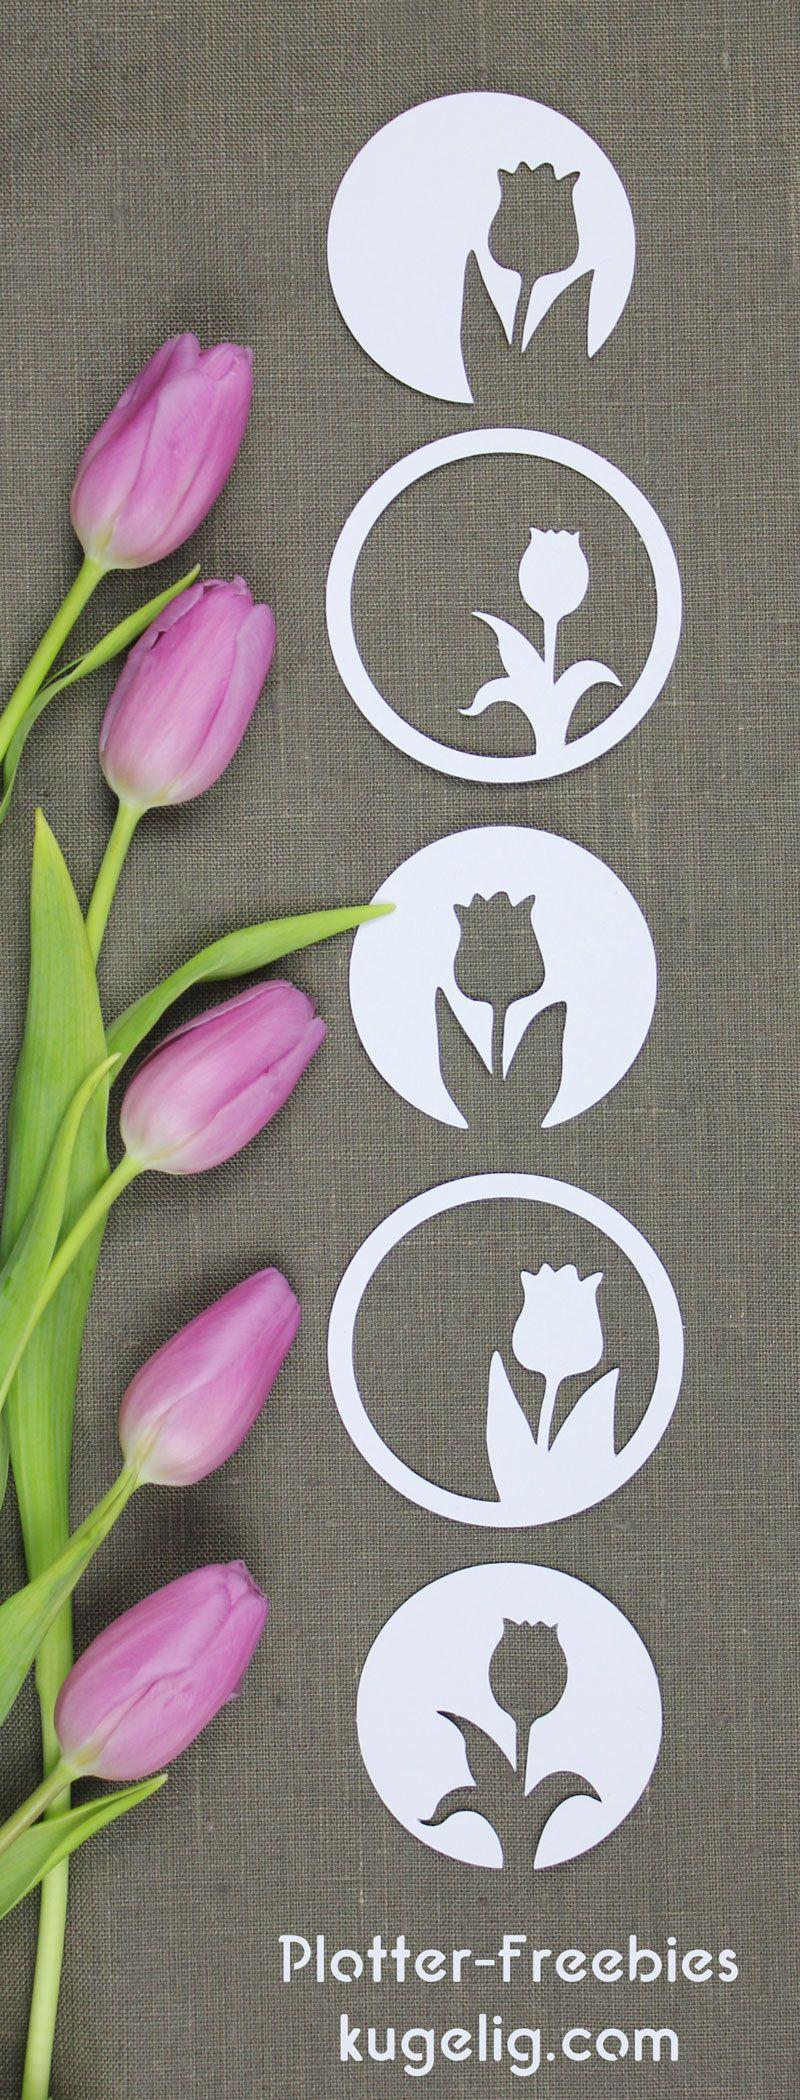 Badezimmer dekor bastelideen tulpen plotterfreebie  mein stil tulpe und plotten